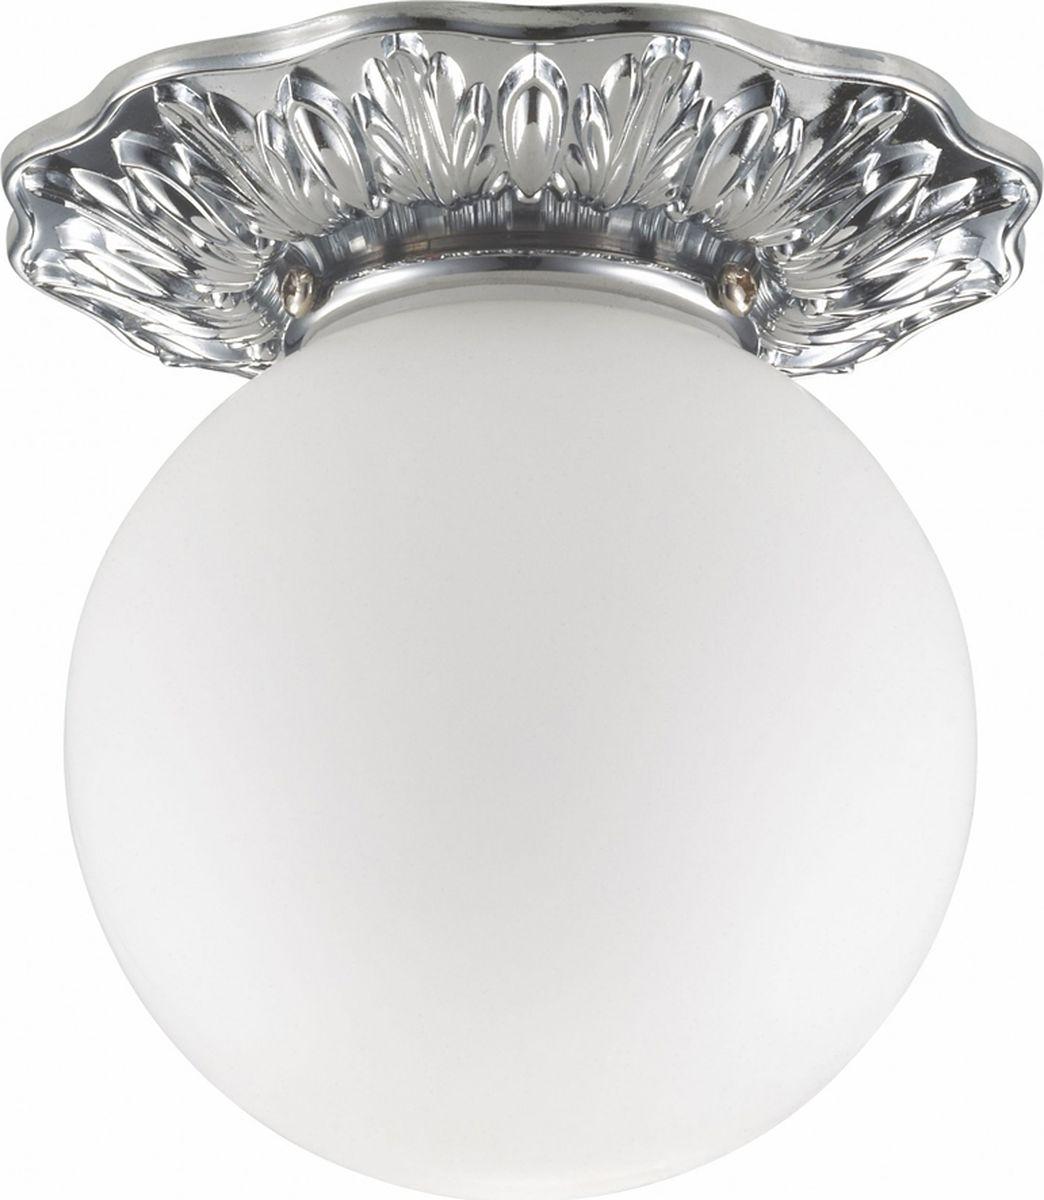 Светильник встраиваемый Novotech Sphere, цвет: белый, G9, 2,2 Вт. 369978369978